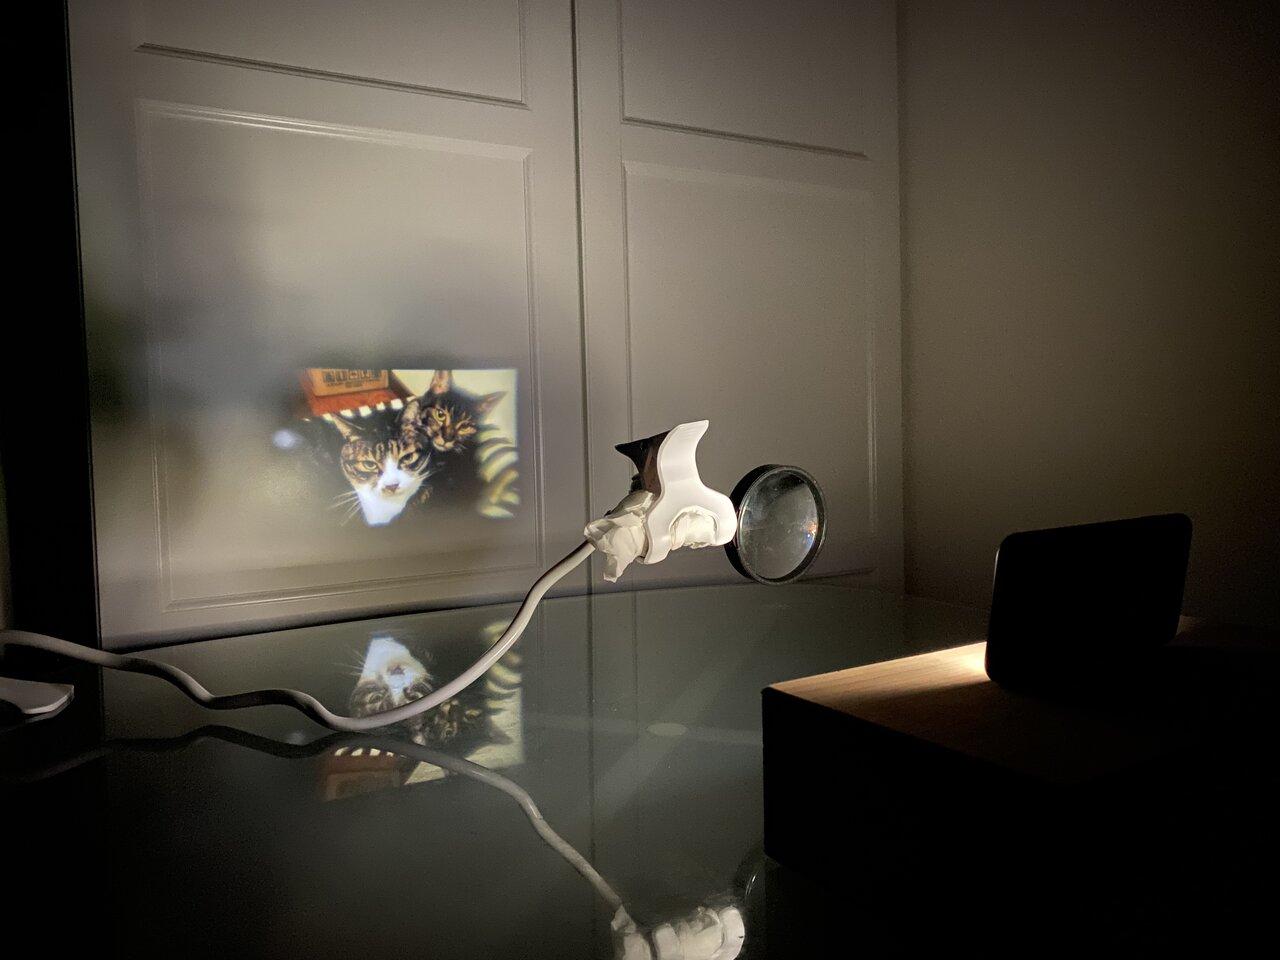 クリップアームなどで虫メガネを固定すれば、動画もゆっくり楽しめます。 撮影:Yuchi